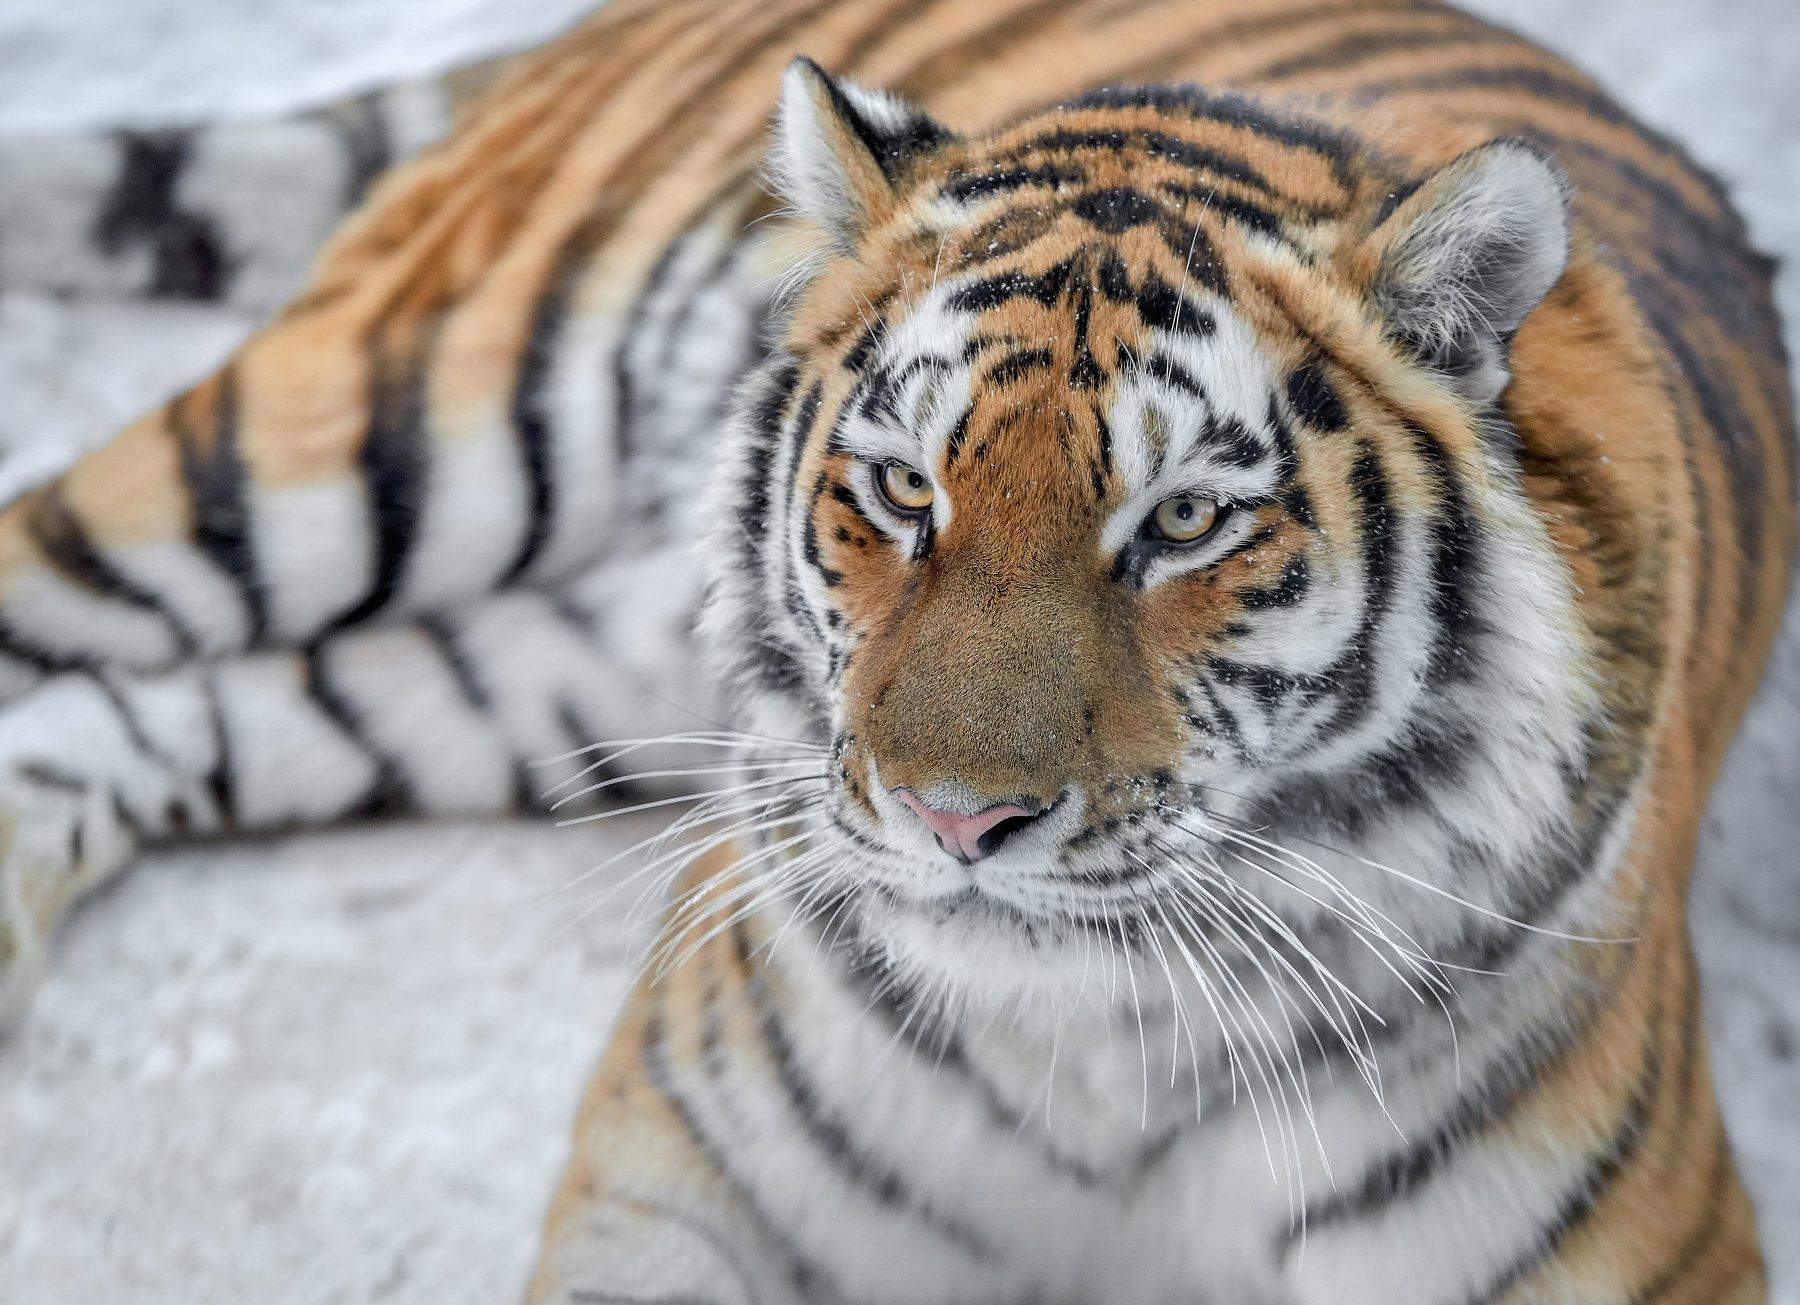 амурский тигр, тигры, кошки, Олег Богданов